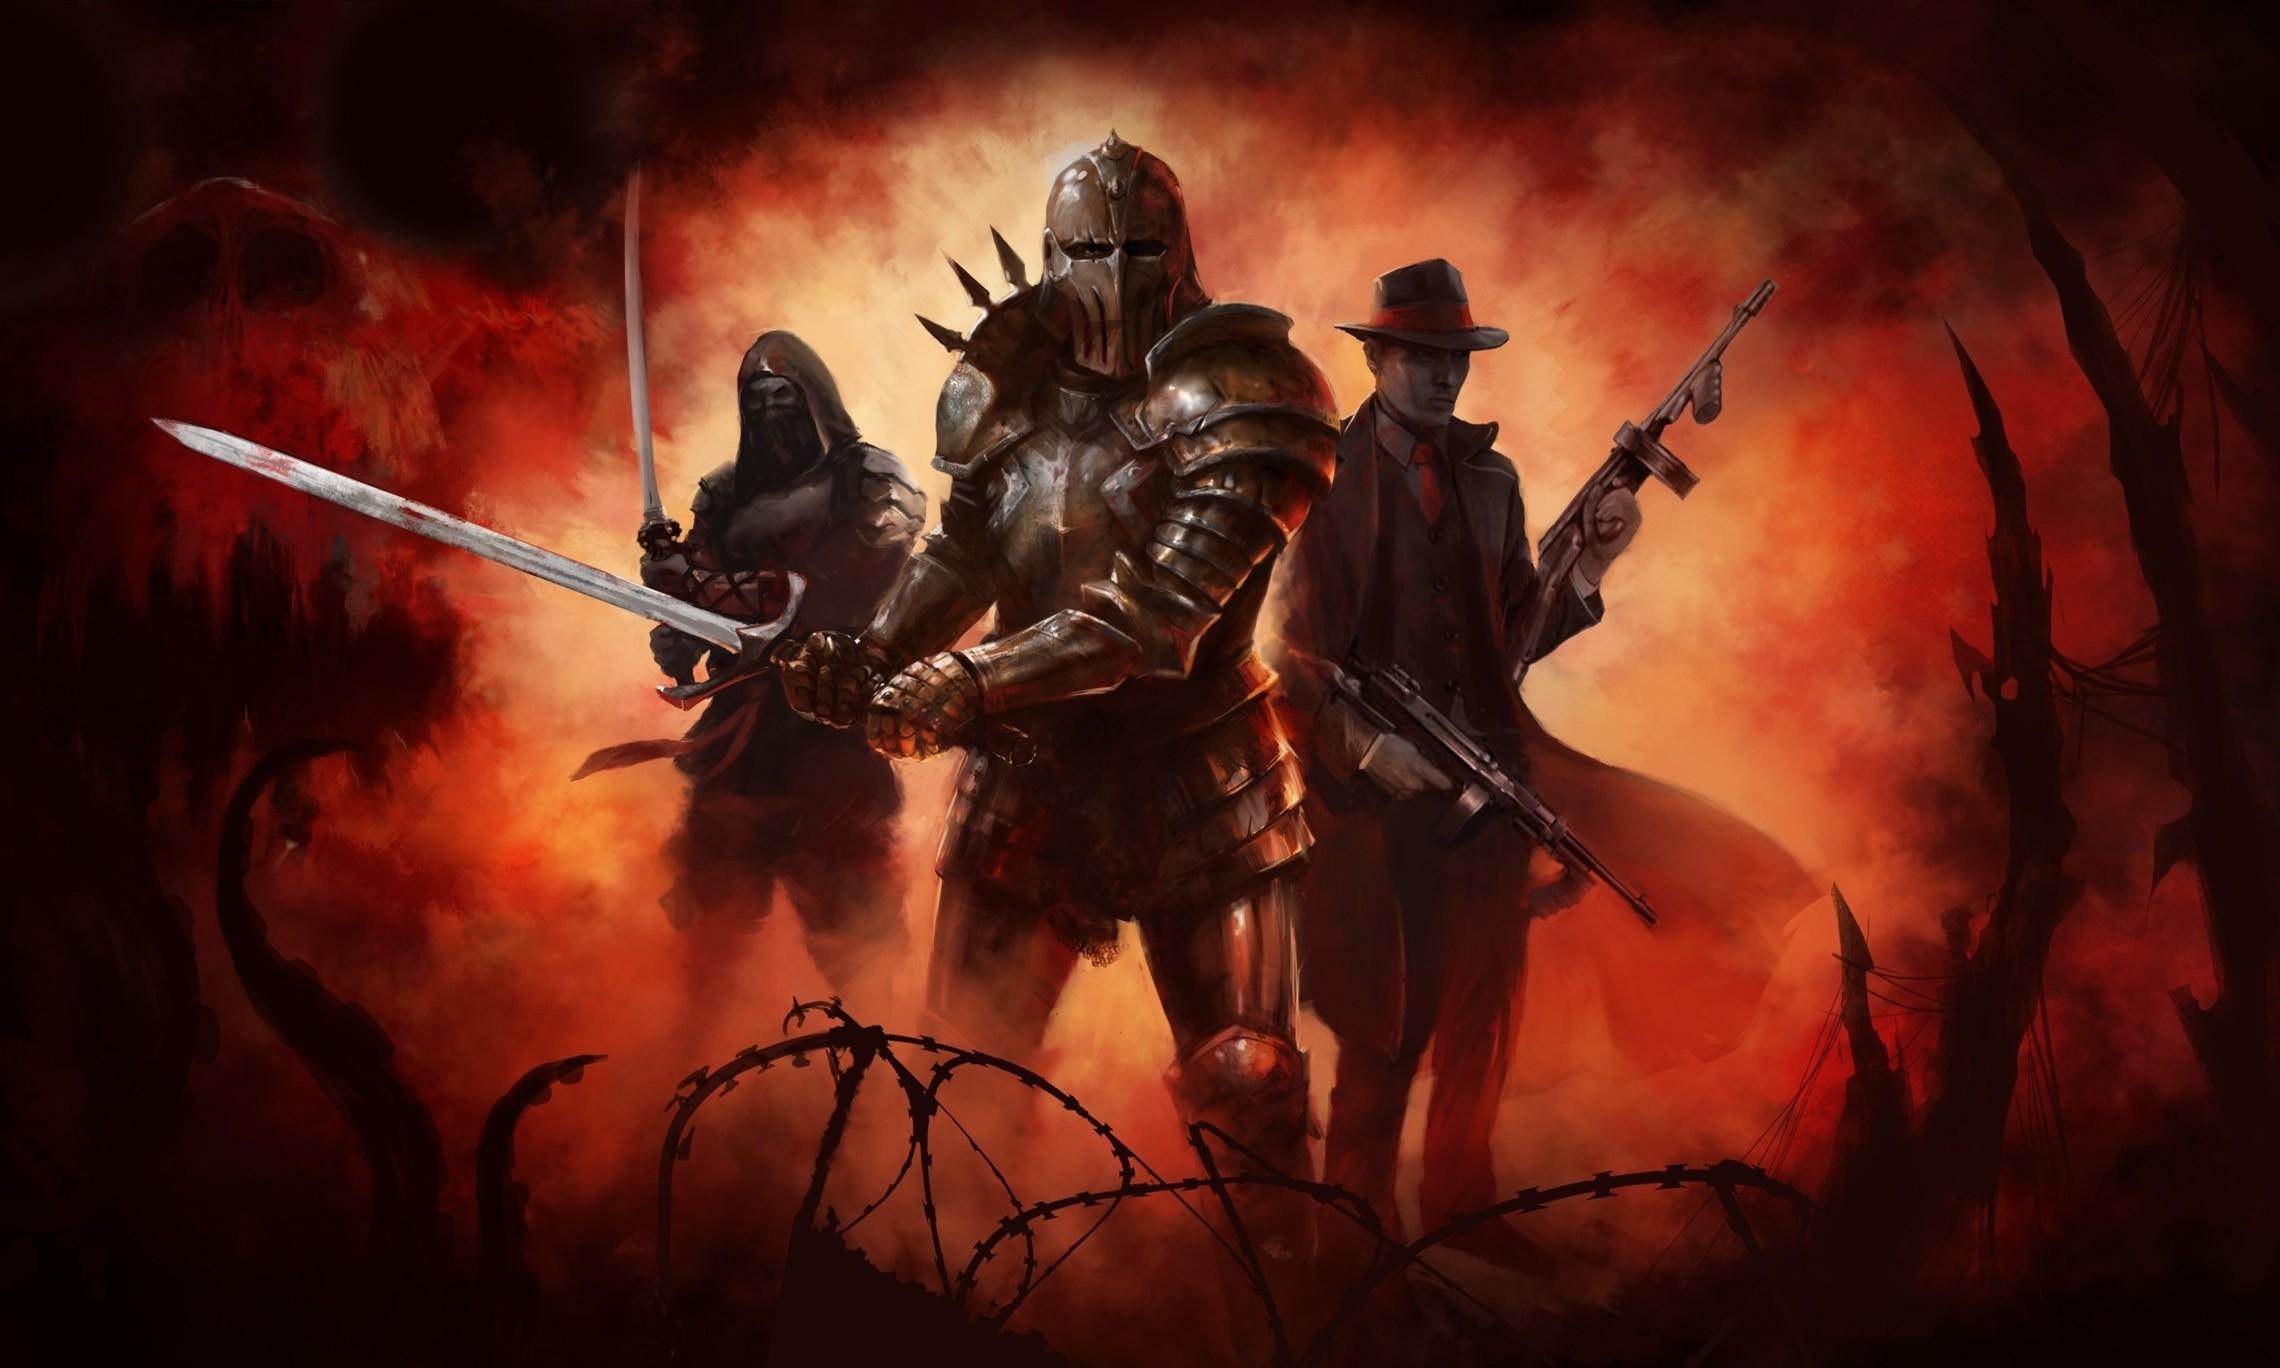 Knight Warrior Wallpaper. All …